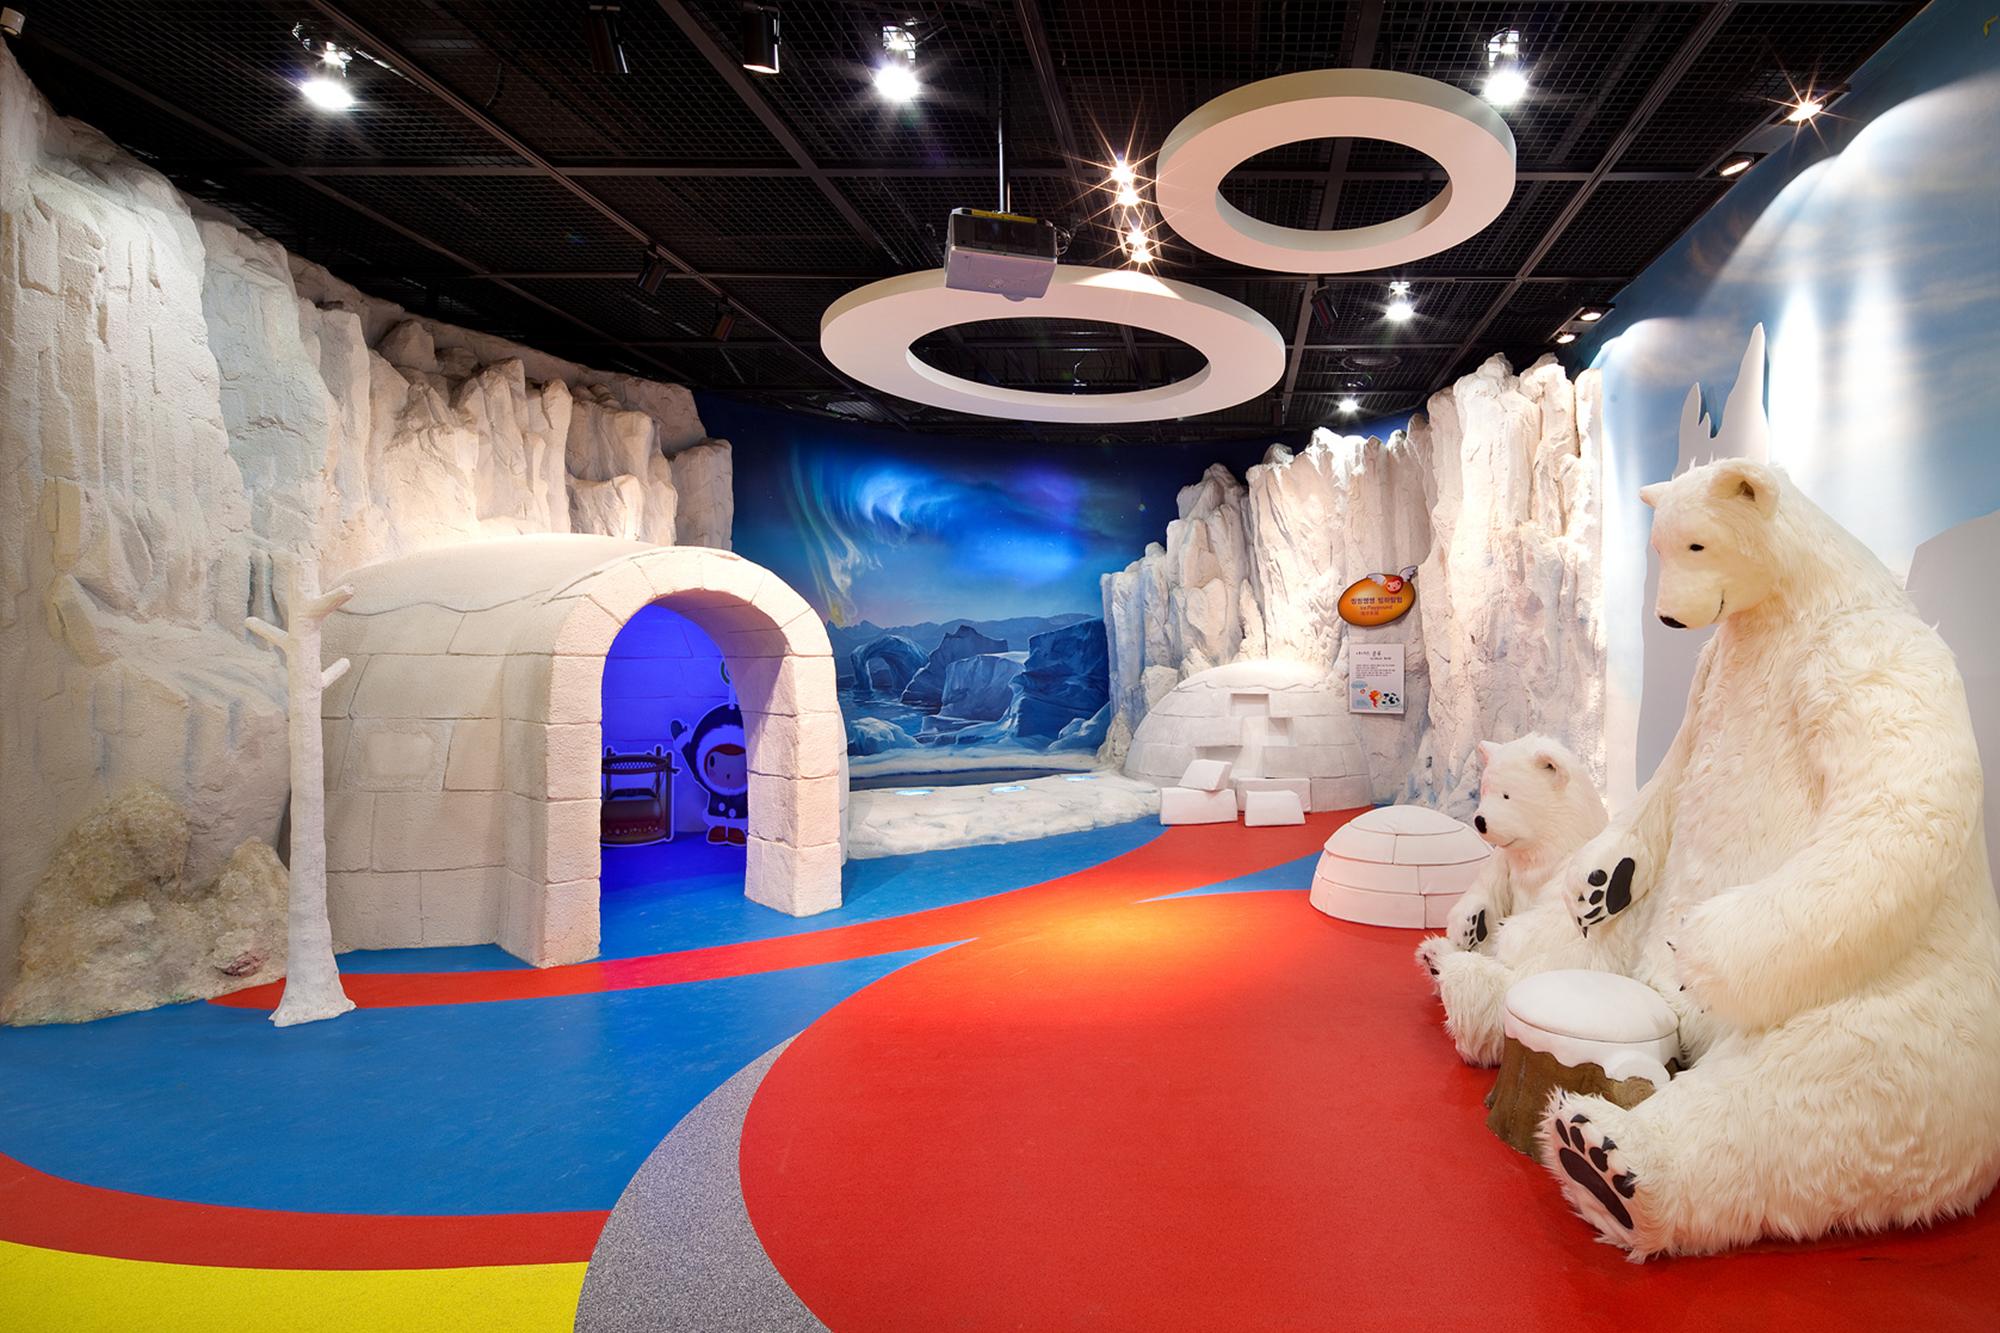 북극체험 지형모형